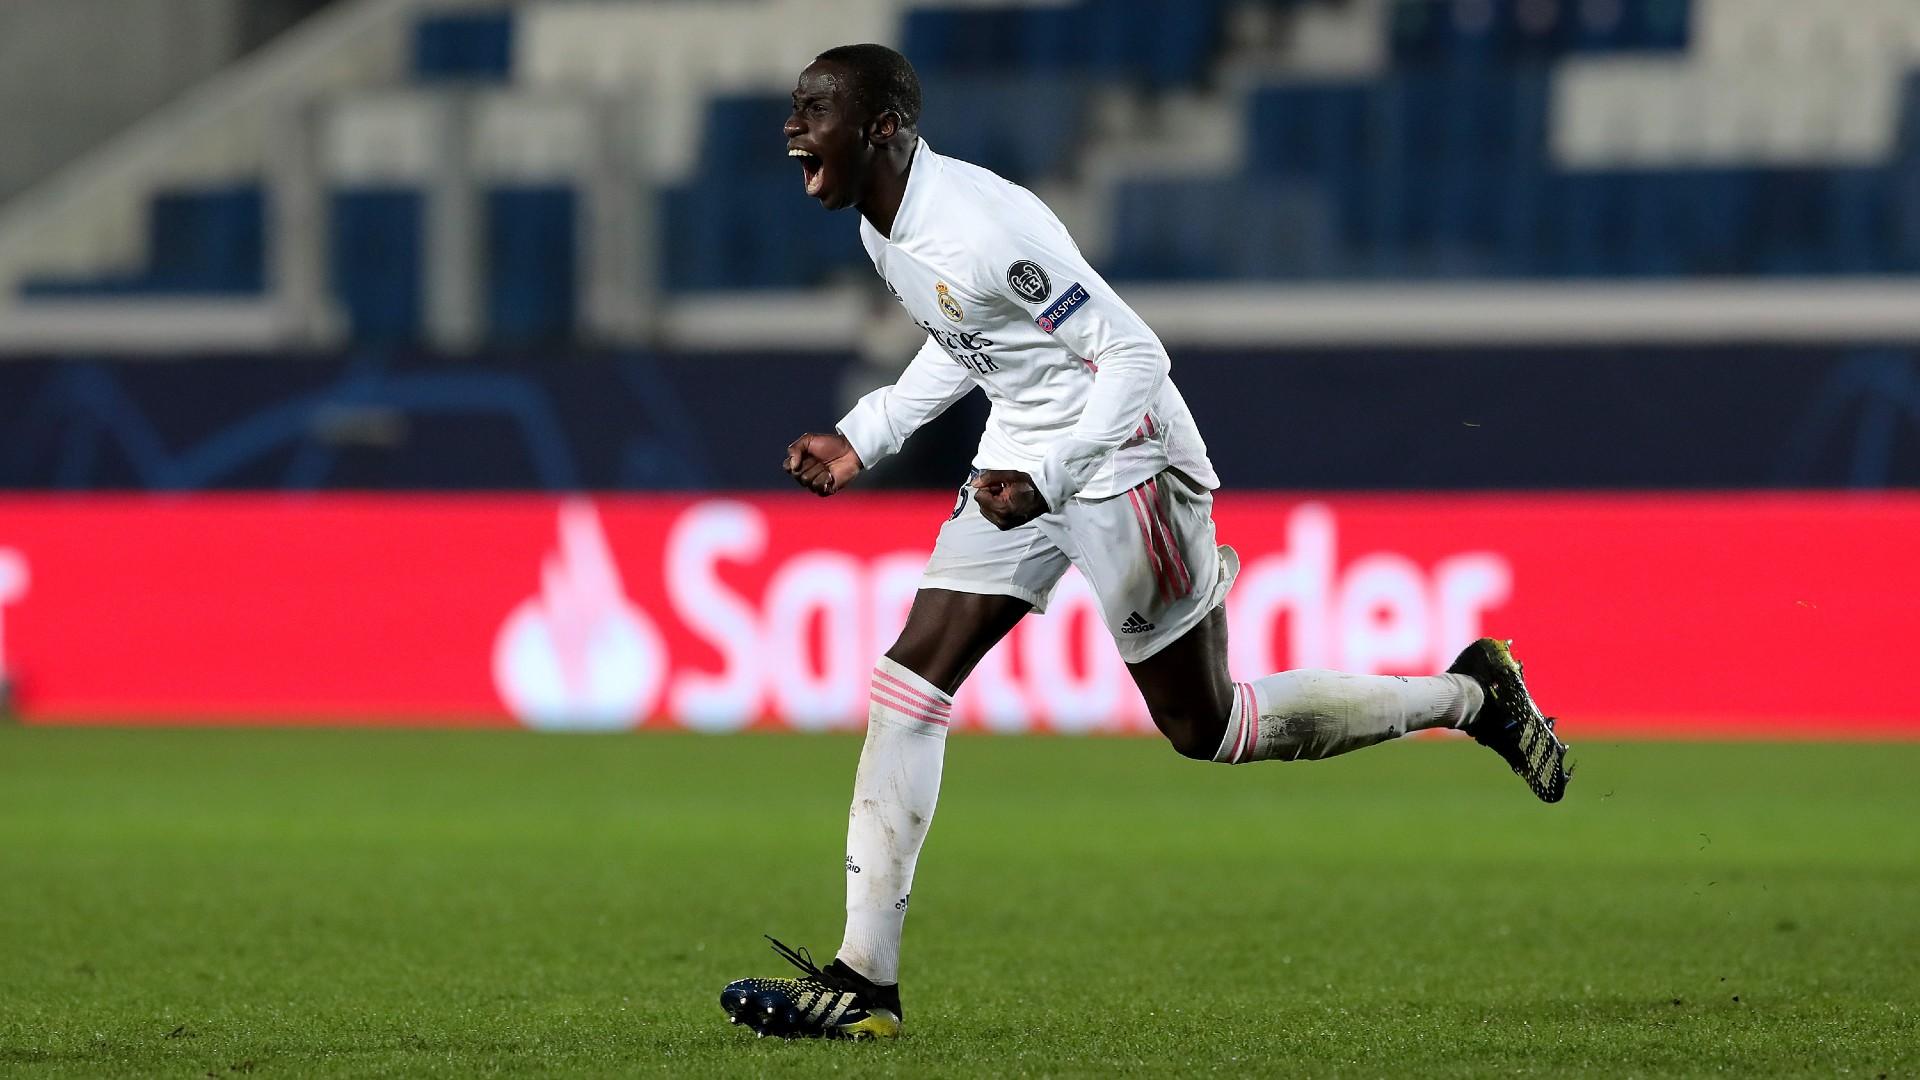 Dëmtimet e shoqërojnë shpesh, Mendy humb rëndësinë te Reali dhe sheh nga Juventusi